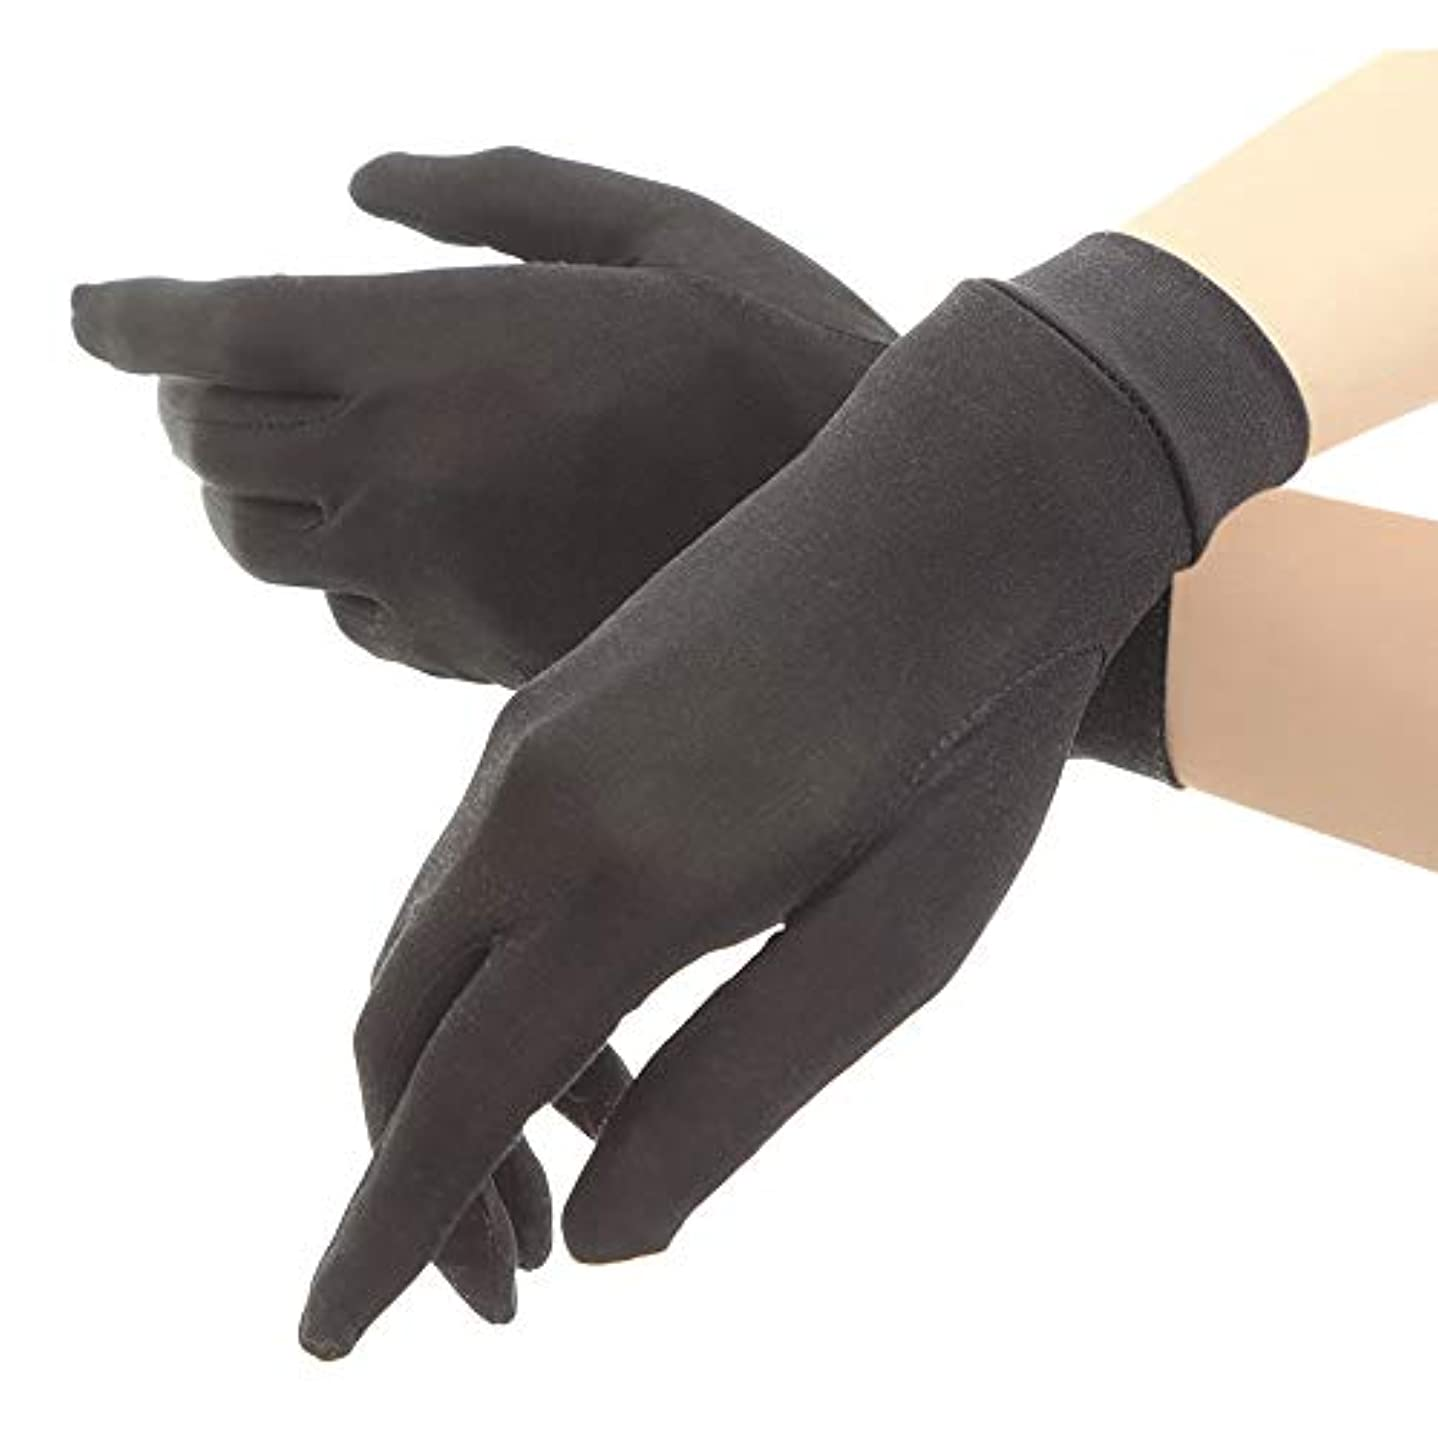 お金ゴム深さフローティングシルク手袋 レディース 手袋 シルク 絹 ハンド ケア 保湿 紫外線 肌荒れ 乾燥 サイズアップで手指にマッチ 【macch】